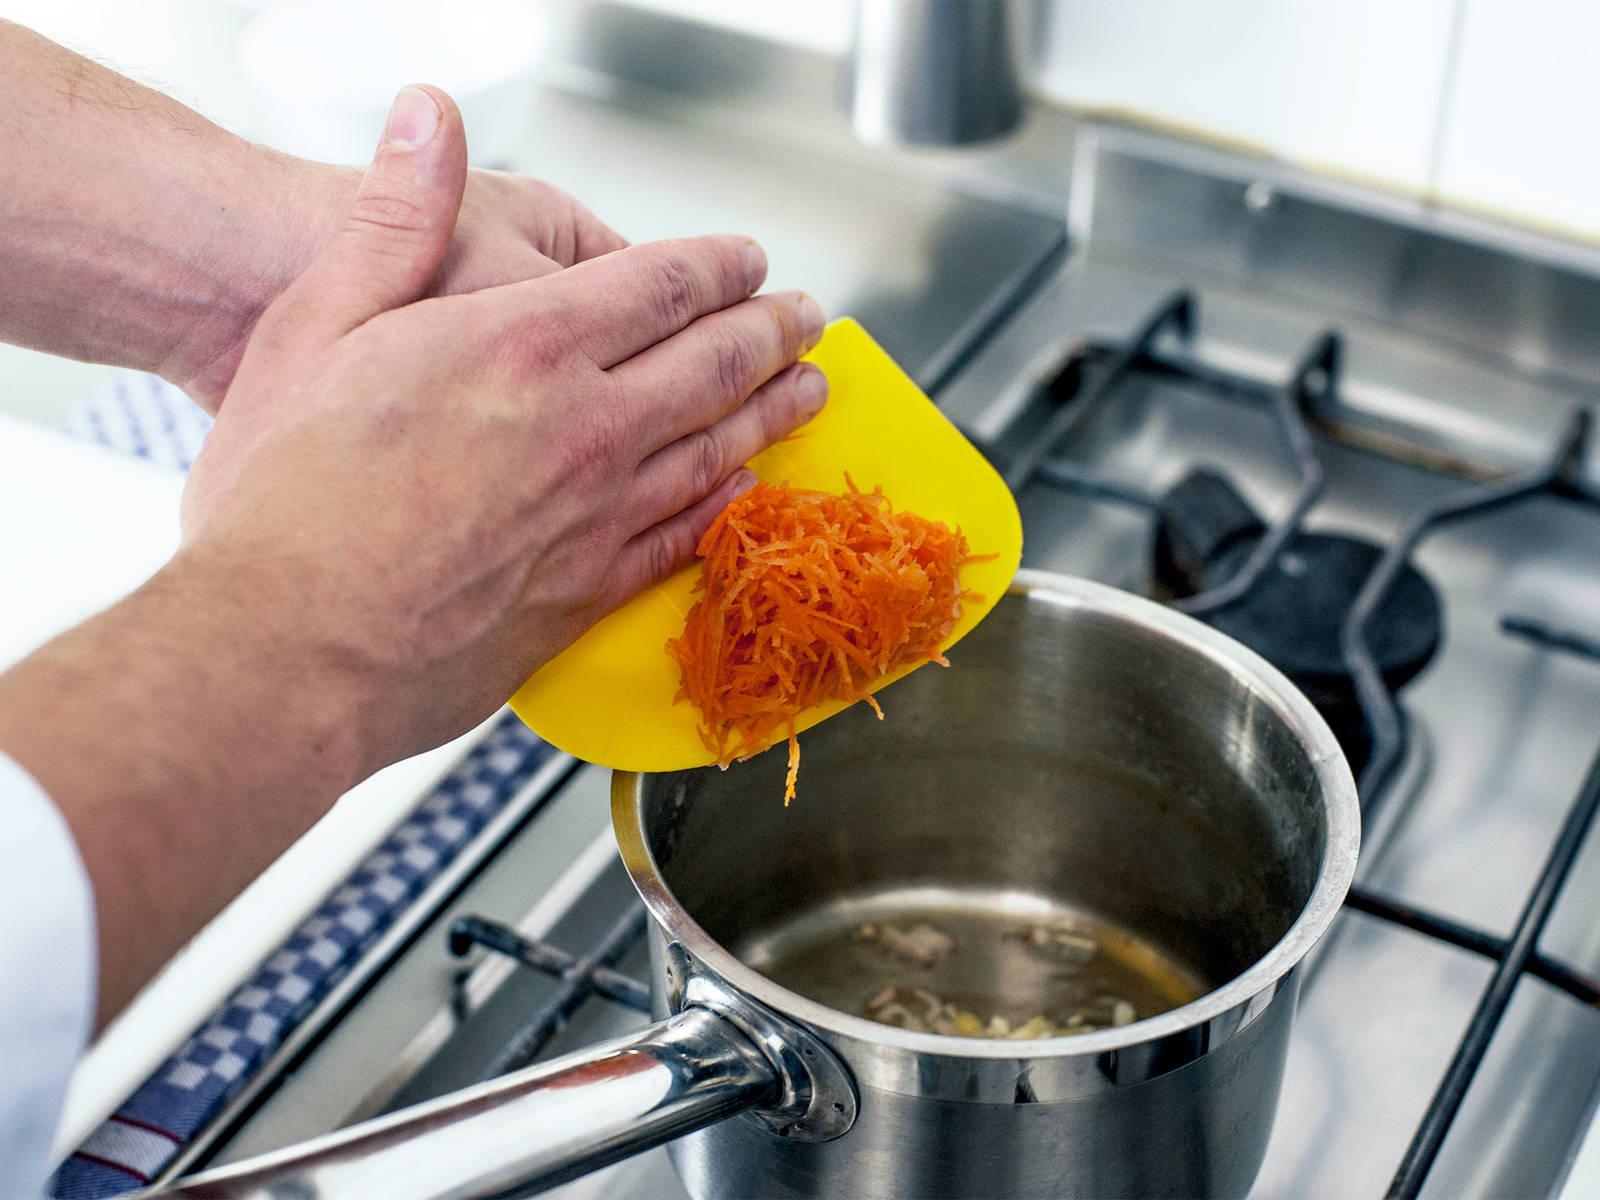 中火加热另一个汤锅,然后放入些许黄油。翻炒红葱、蒜、姜和胡萝卜,直至食材变软并散发香味。